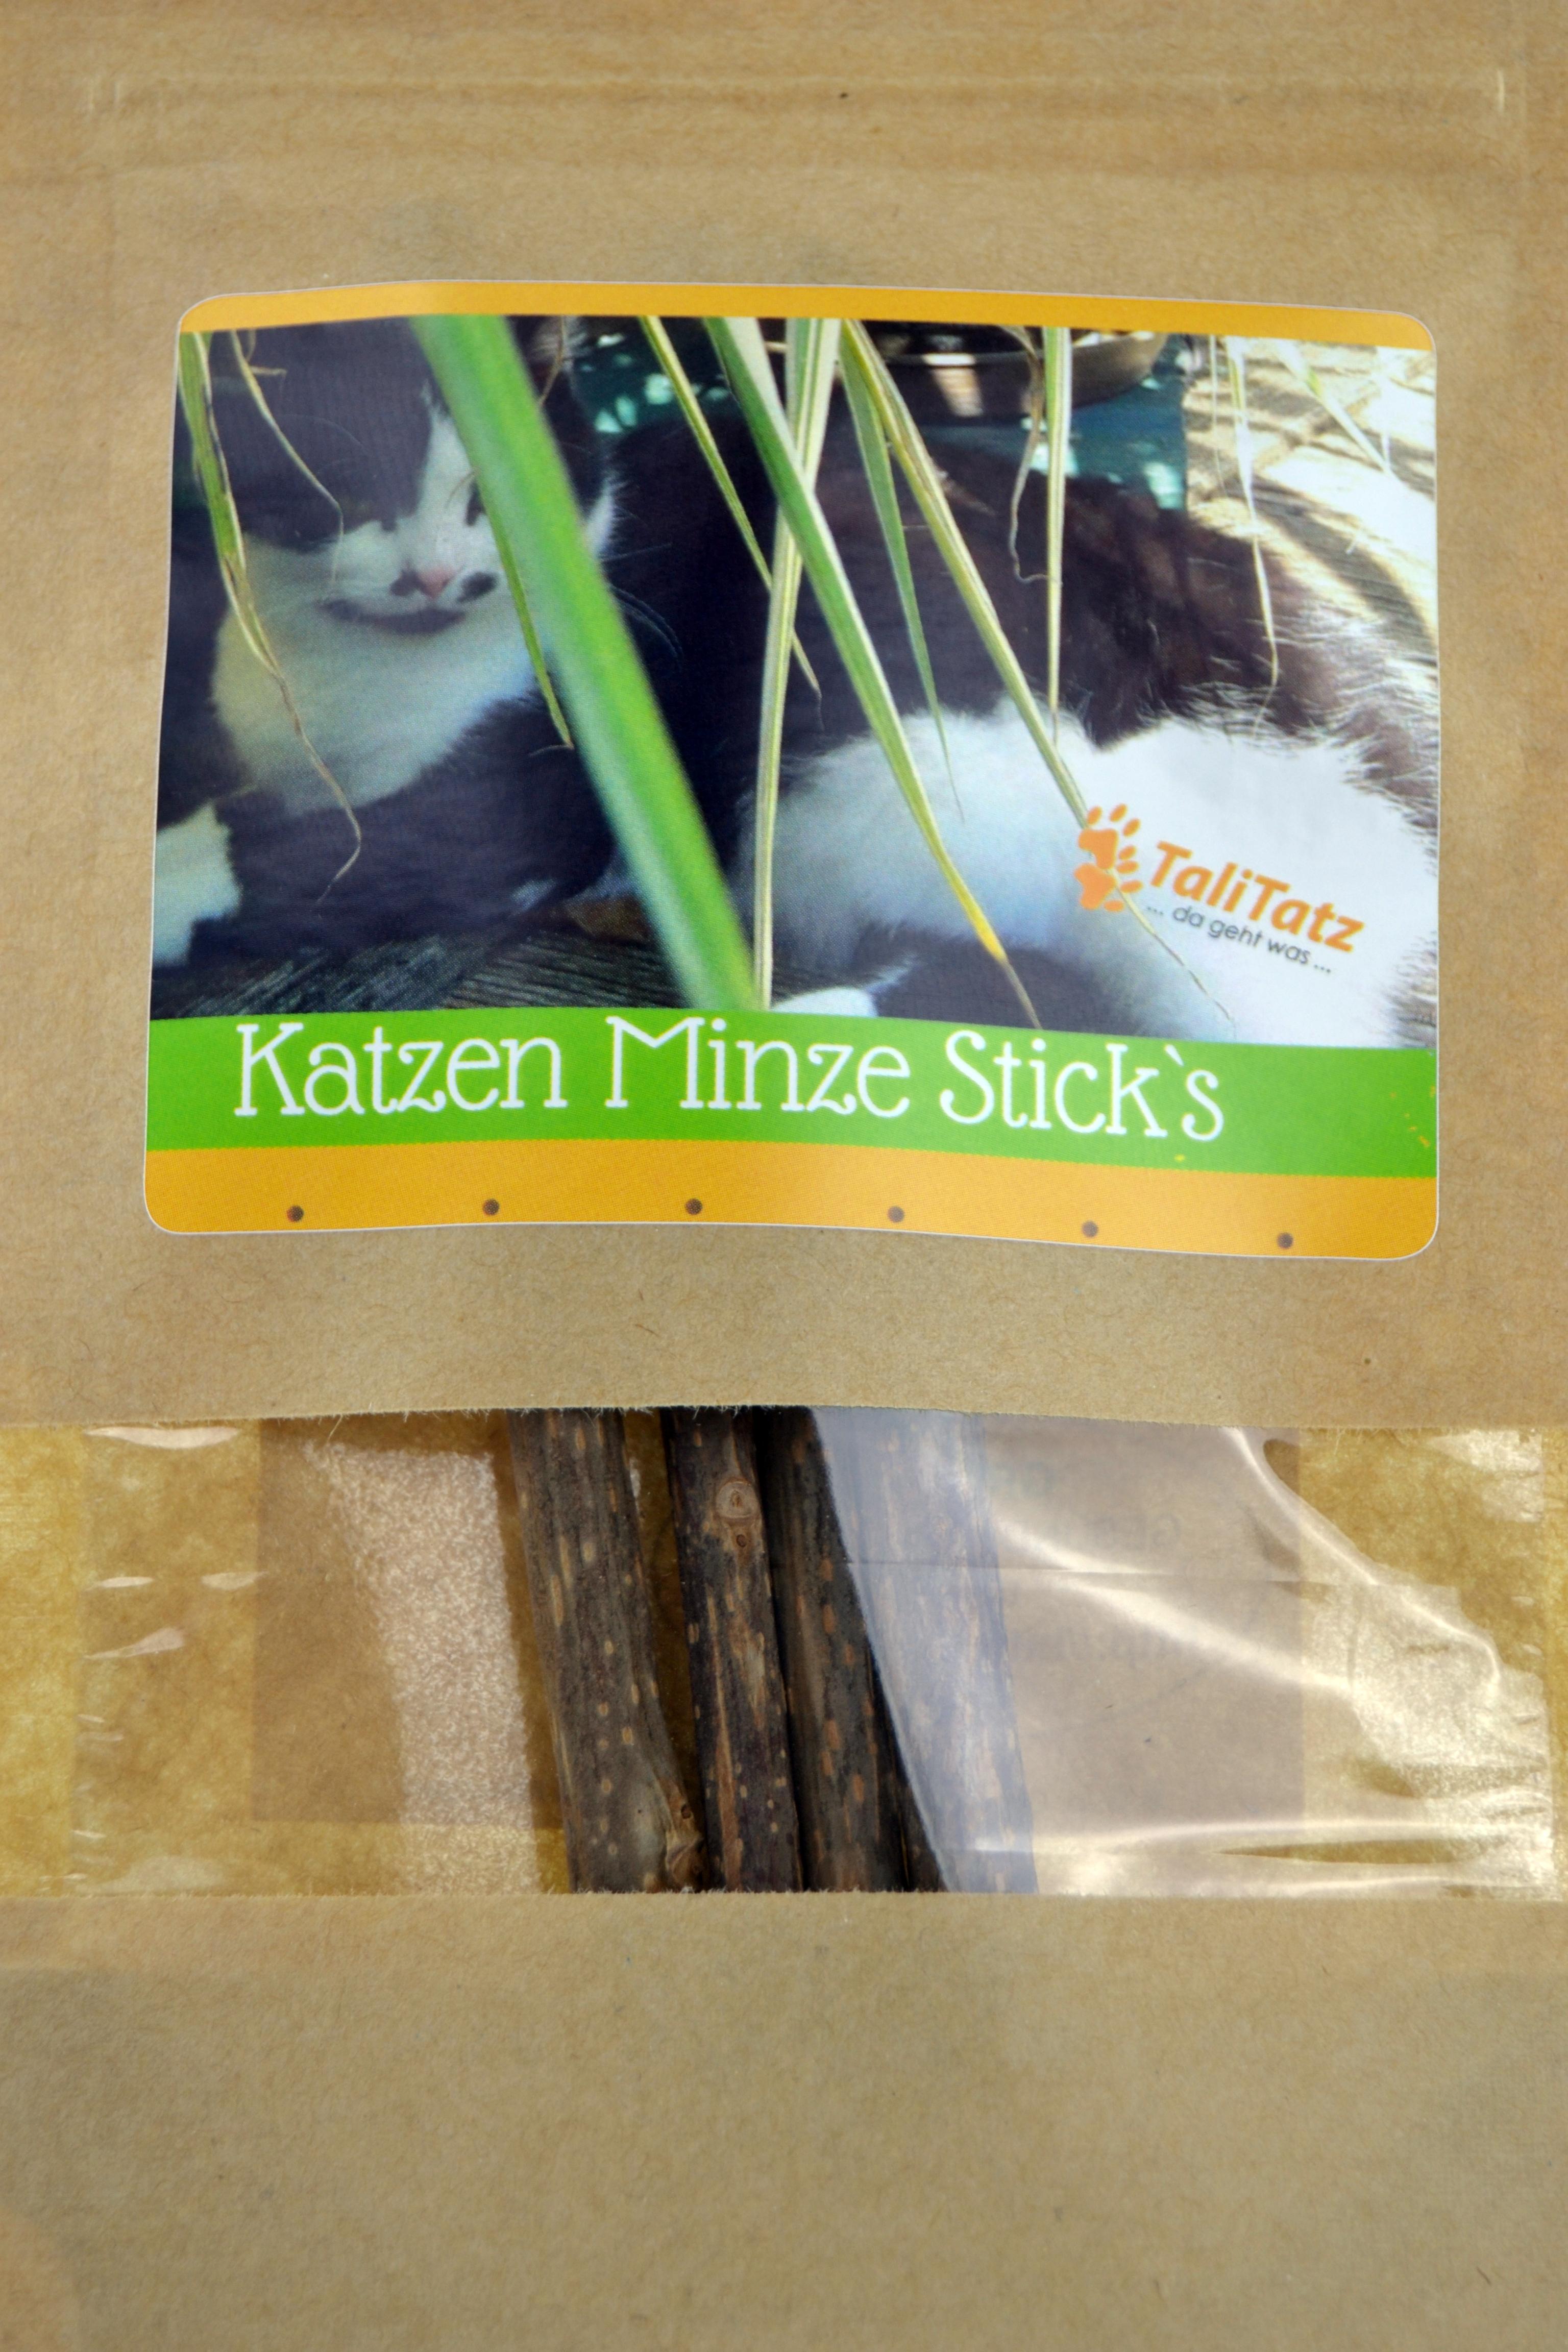 katzenminzestick neu bei TaliTatz und sanaviva